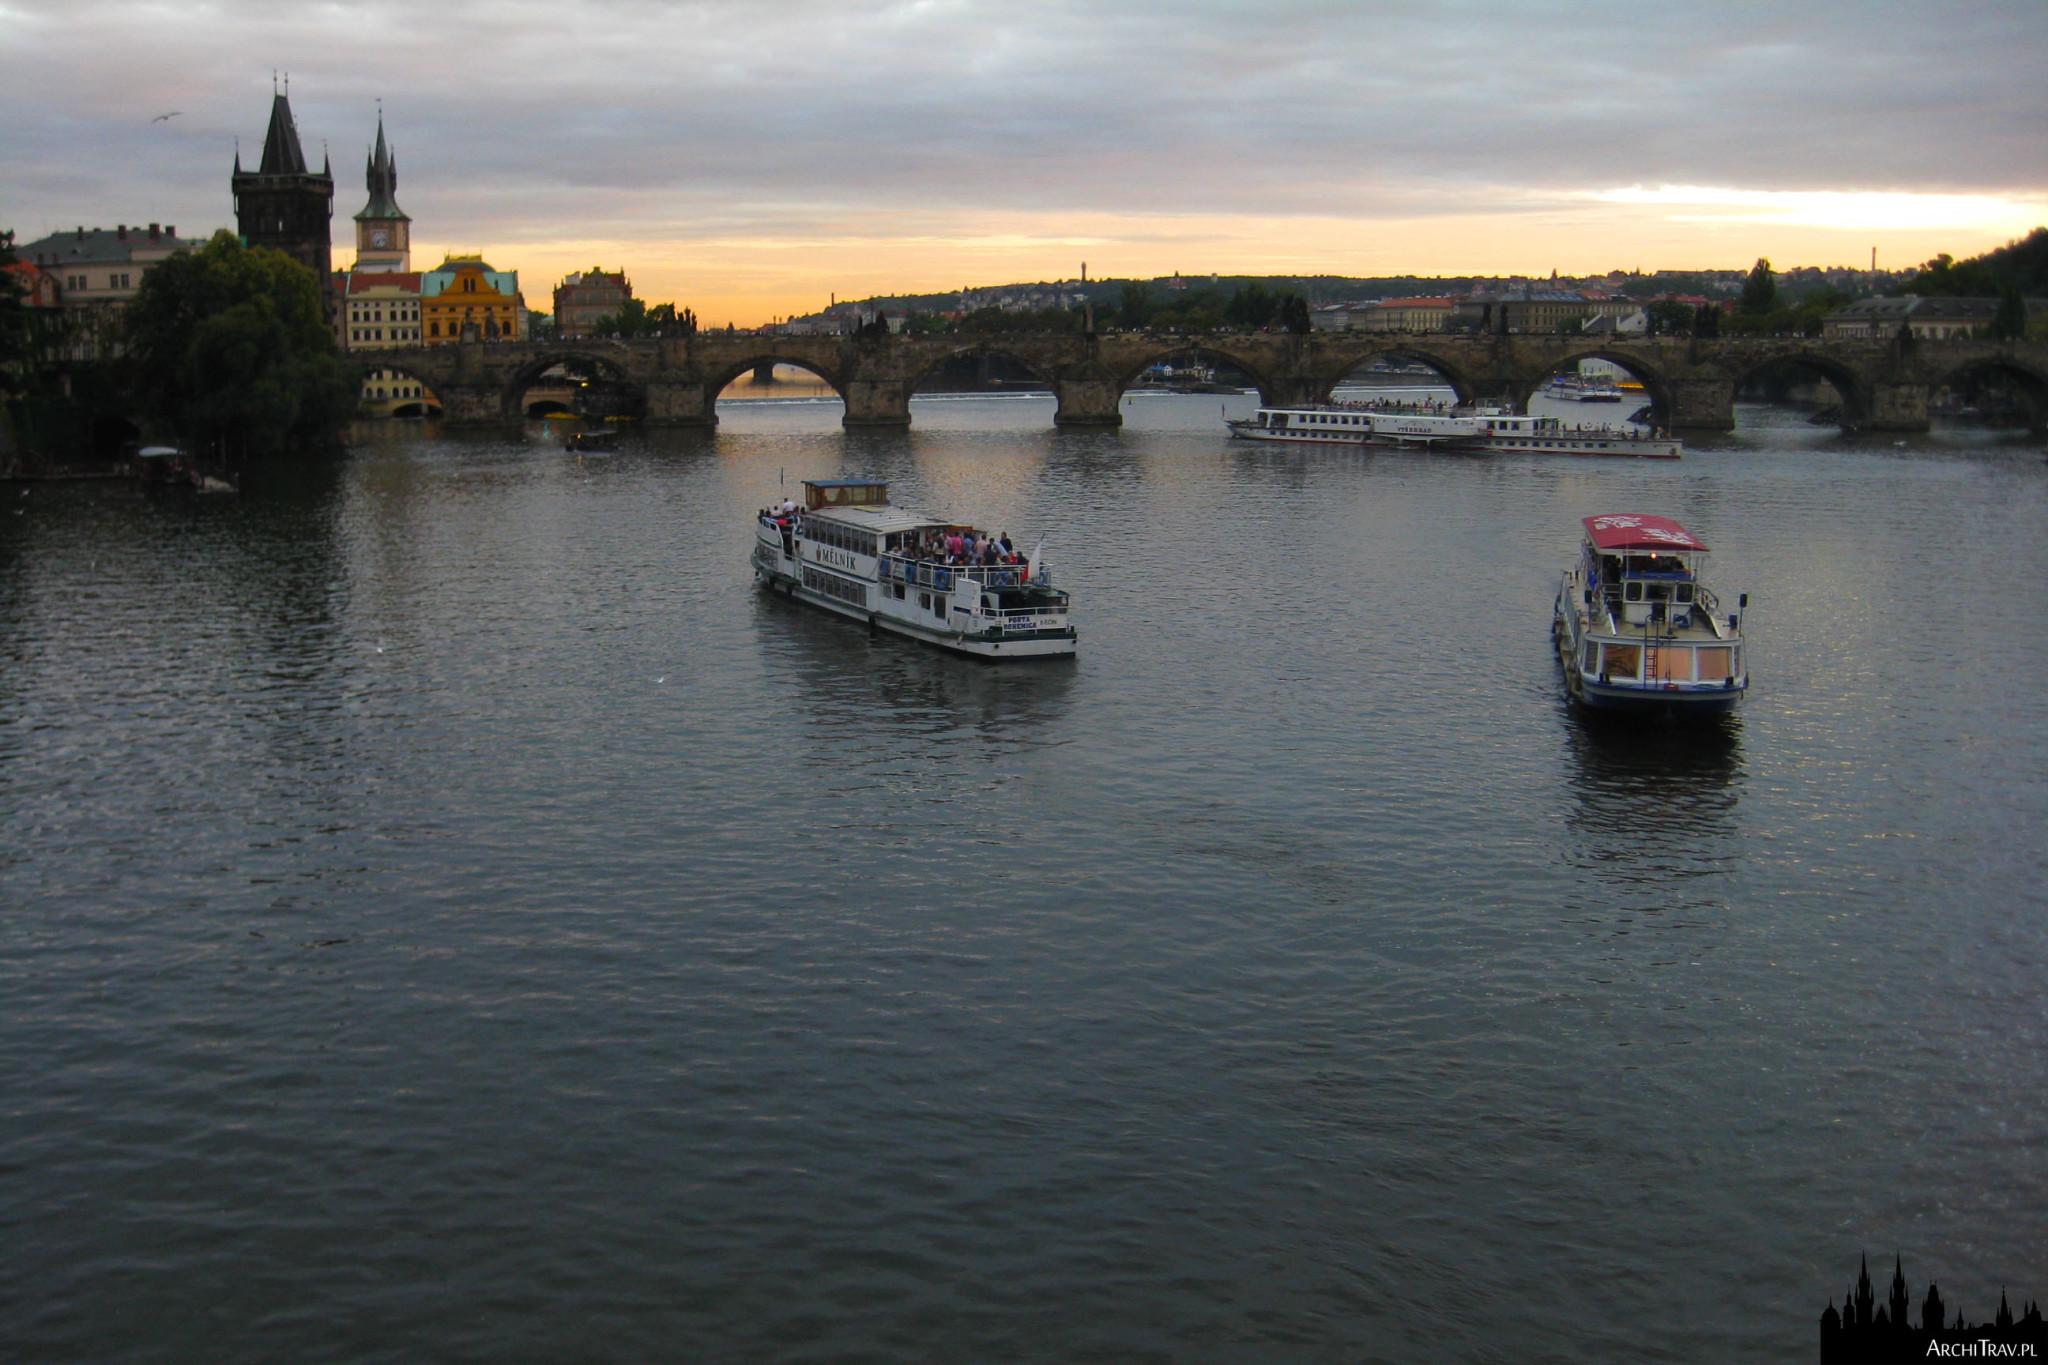 widok na Wełtawę, płynie kilka stateczków, w oddali Most Karola, zachód słońca